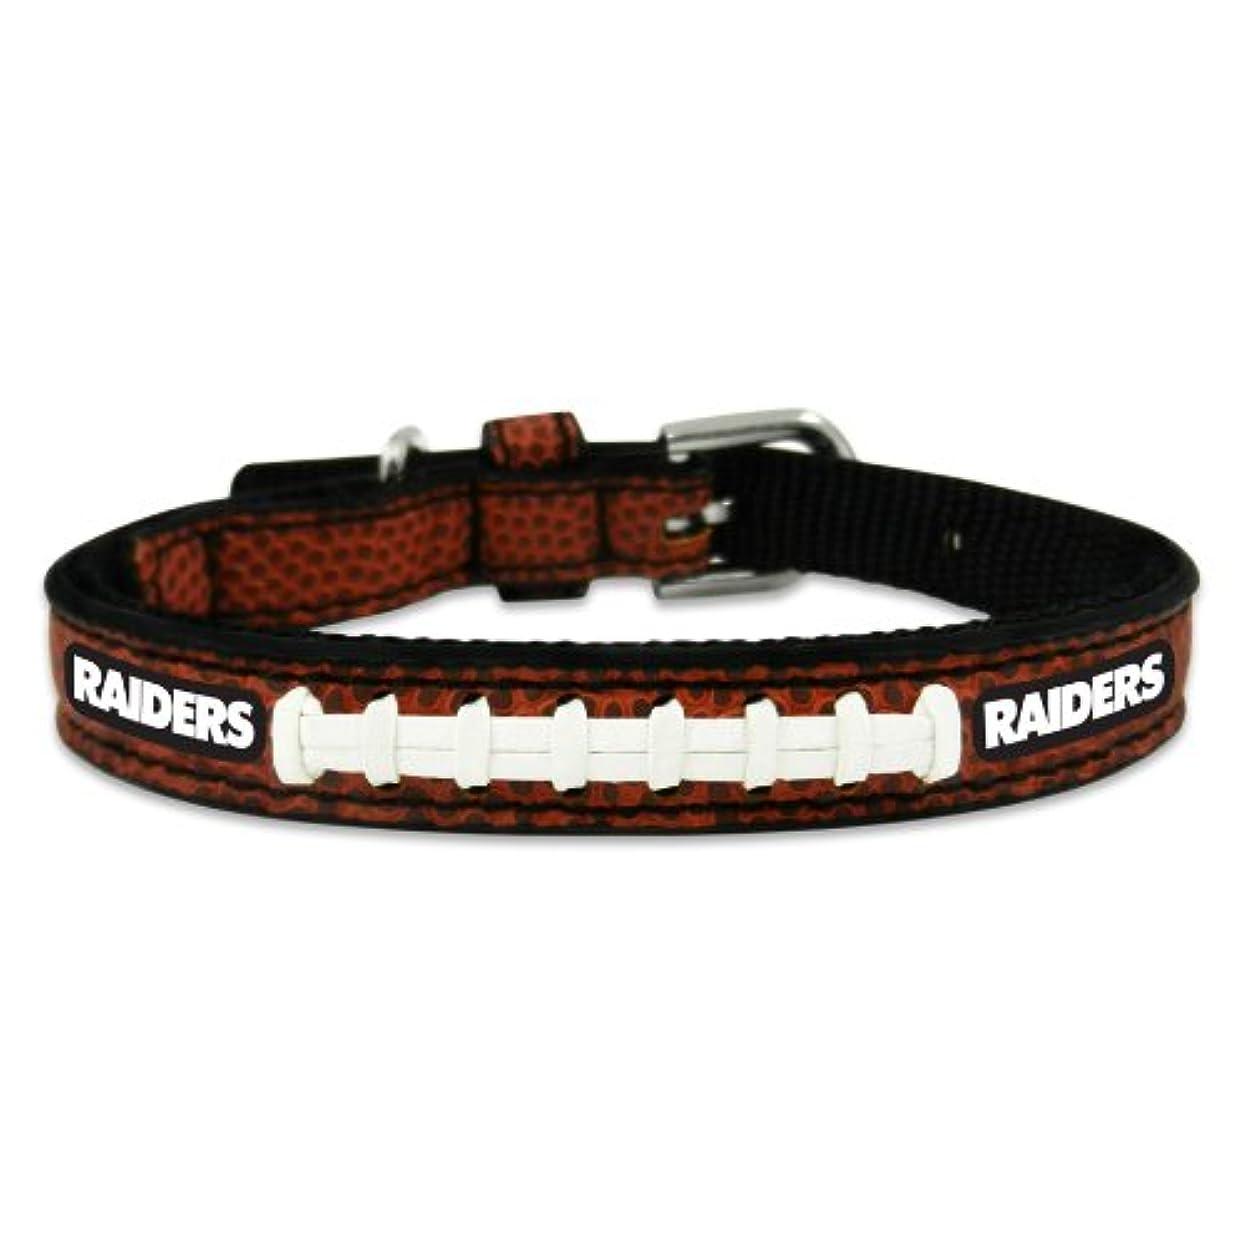 リンス土酔っ払いOakland Raiders Classic Leather Toy Football Collar